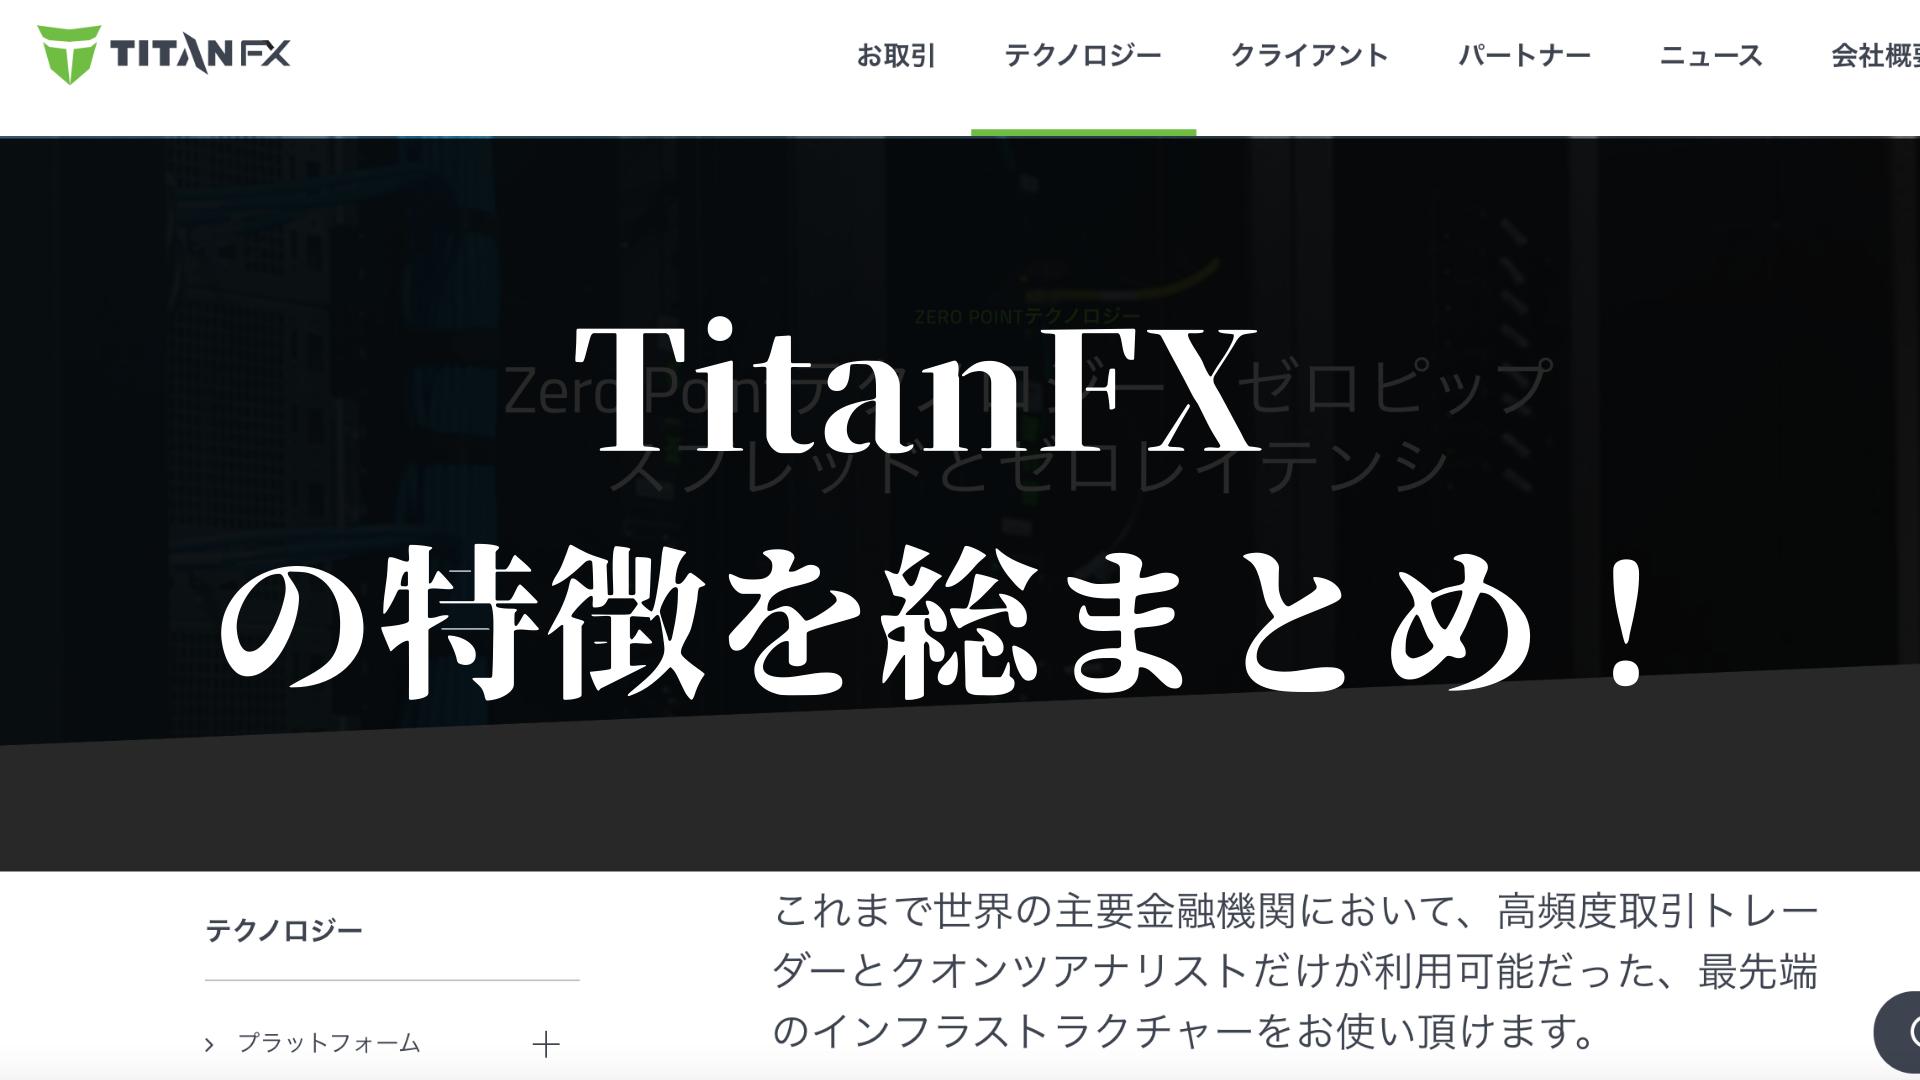 TitanFXの評判・メリット・デメリットなどの特徴を総まとめ!スプレッドが業界最狭で約定スピードや約定拒否もなく、透明性も高く安心してトレードできる高水準の取引環境を実現した海外FX会社